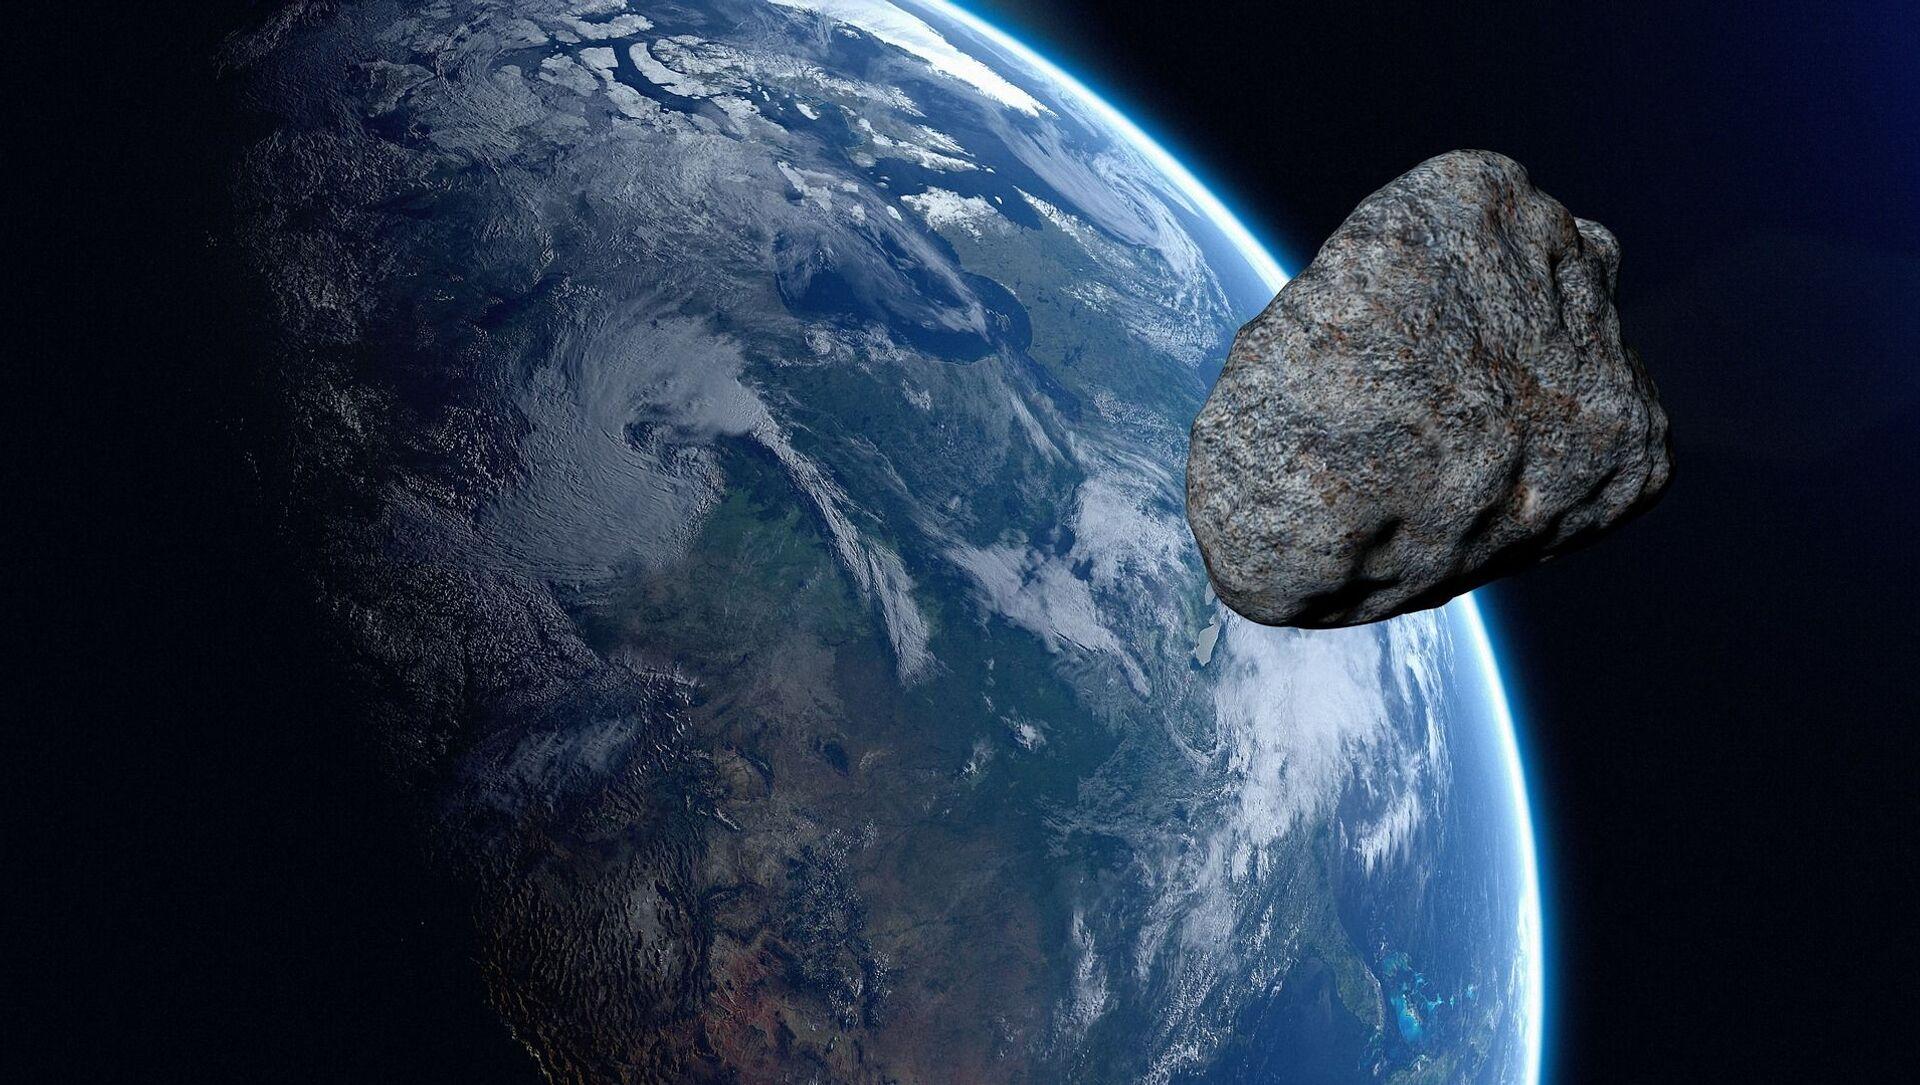 Un astéroïde  - Sputnik France, 1920, 01.03.2021